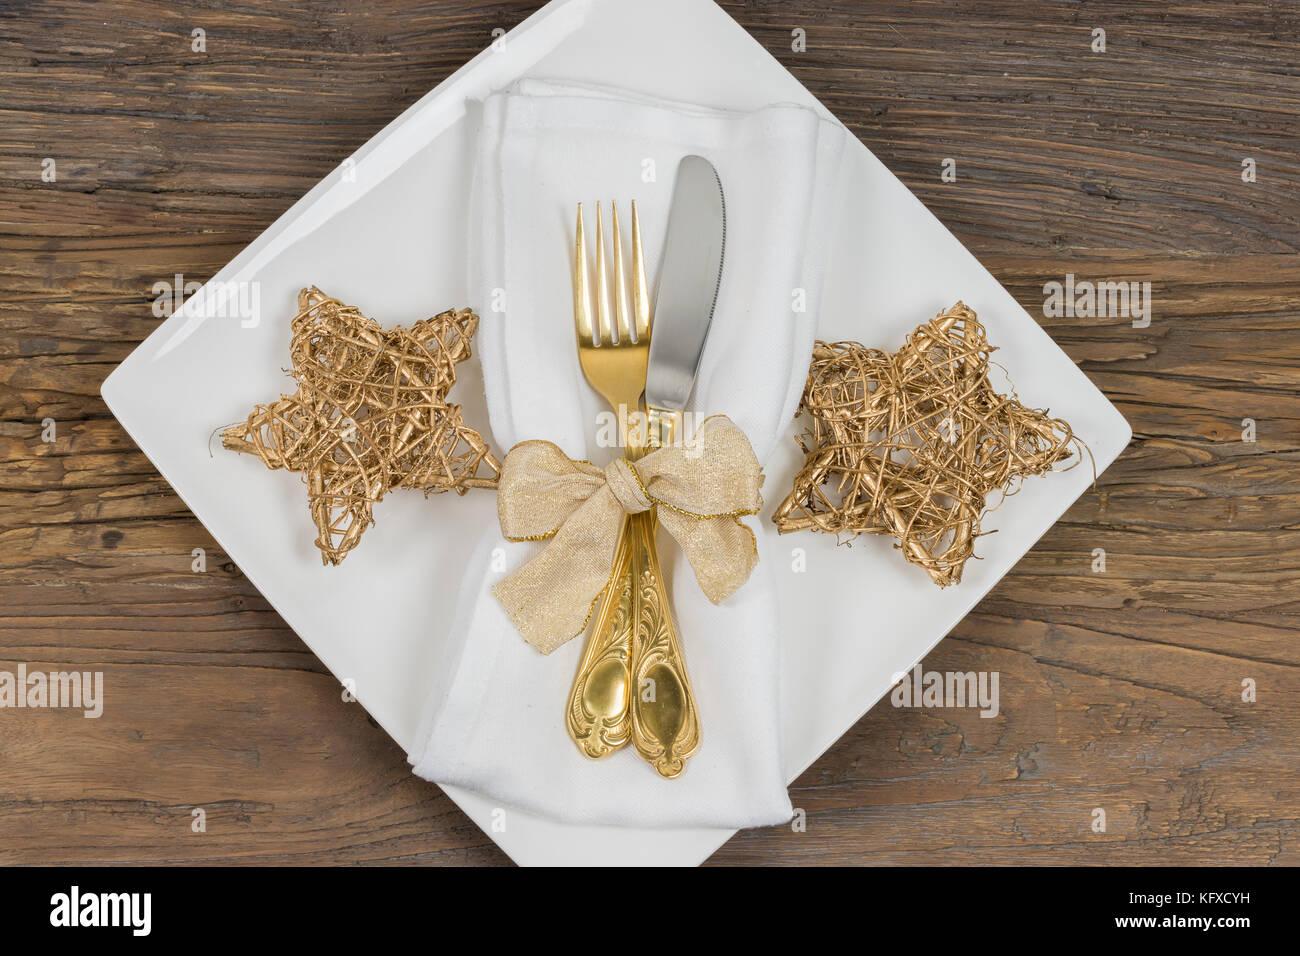 Weihnachten Tisch Gedeck Quadratische Platte Mit Gold Besteck Serviette Und Goldene Weihnachten Sterne Stockfotografie Alamy